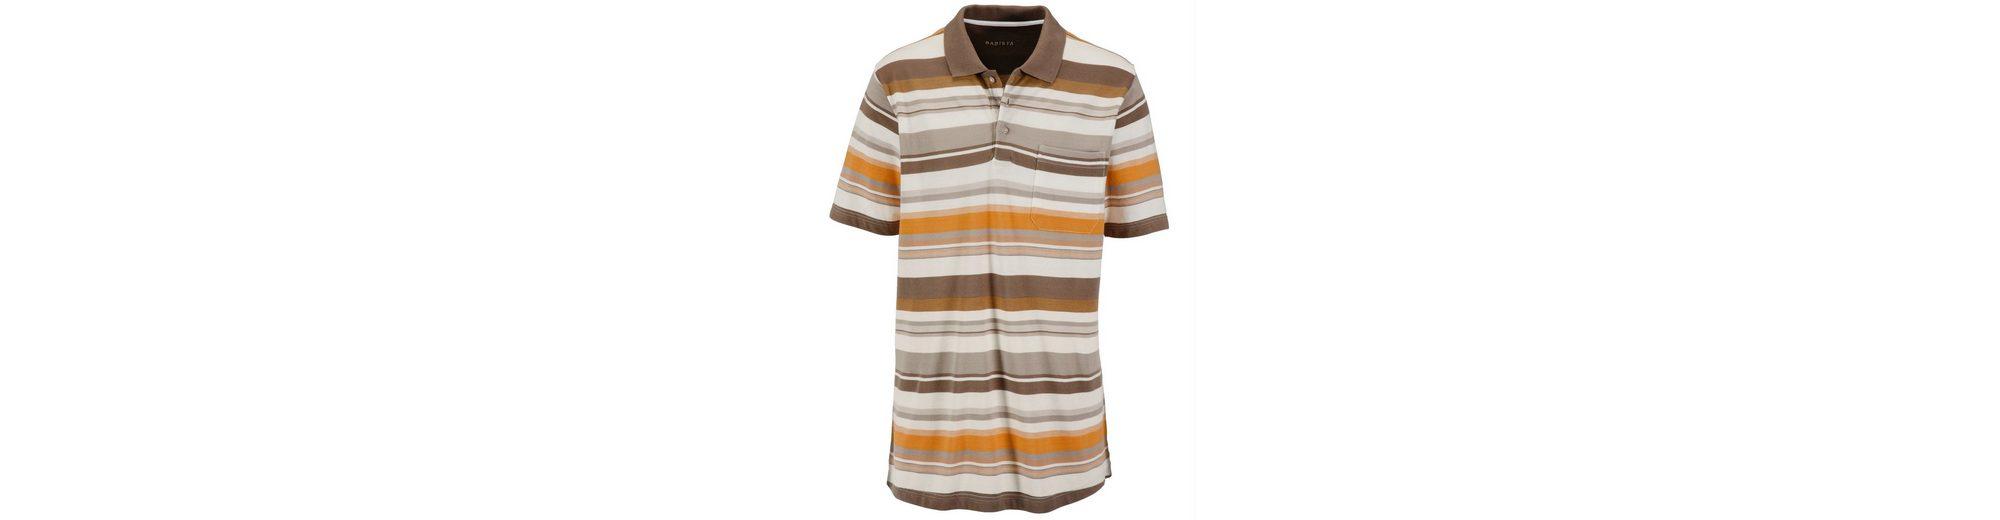 Babista Poloshirt mit Brusttasche Günstigsten Preis Günstig Online Freies Verschiffen Neue Empfehlen Online O0U2l